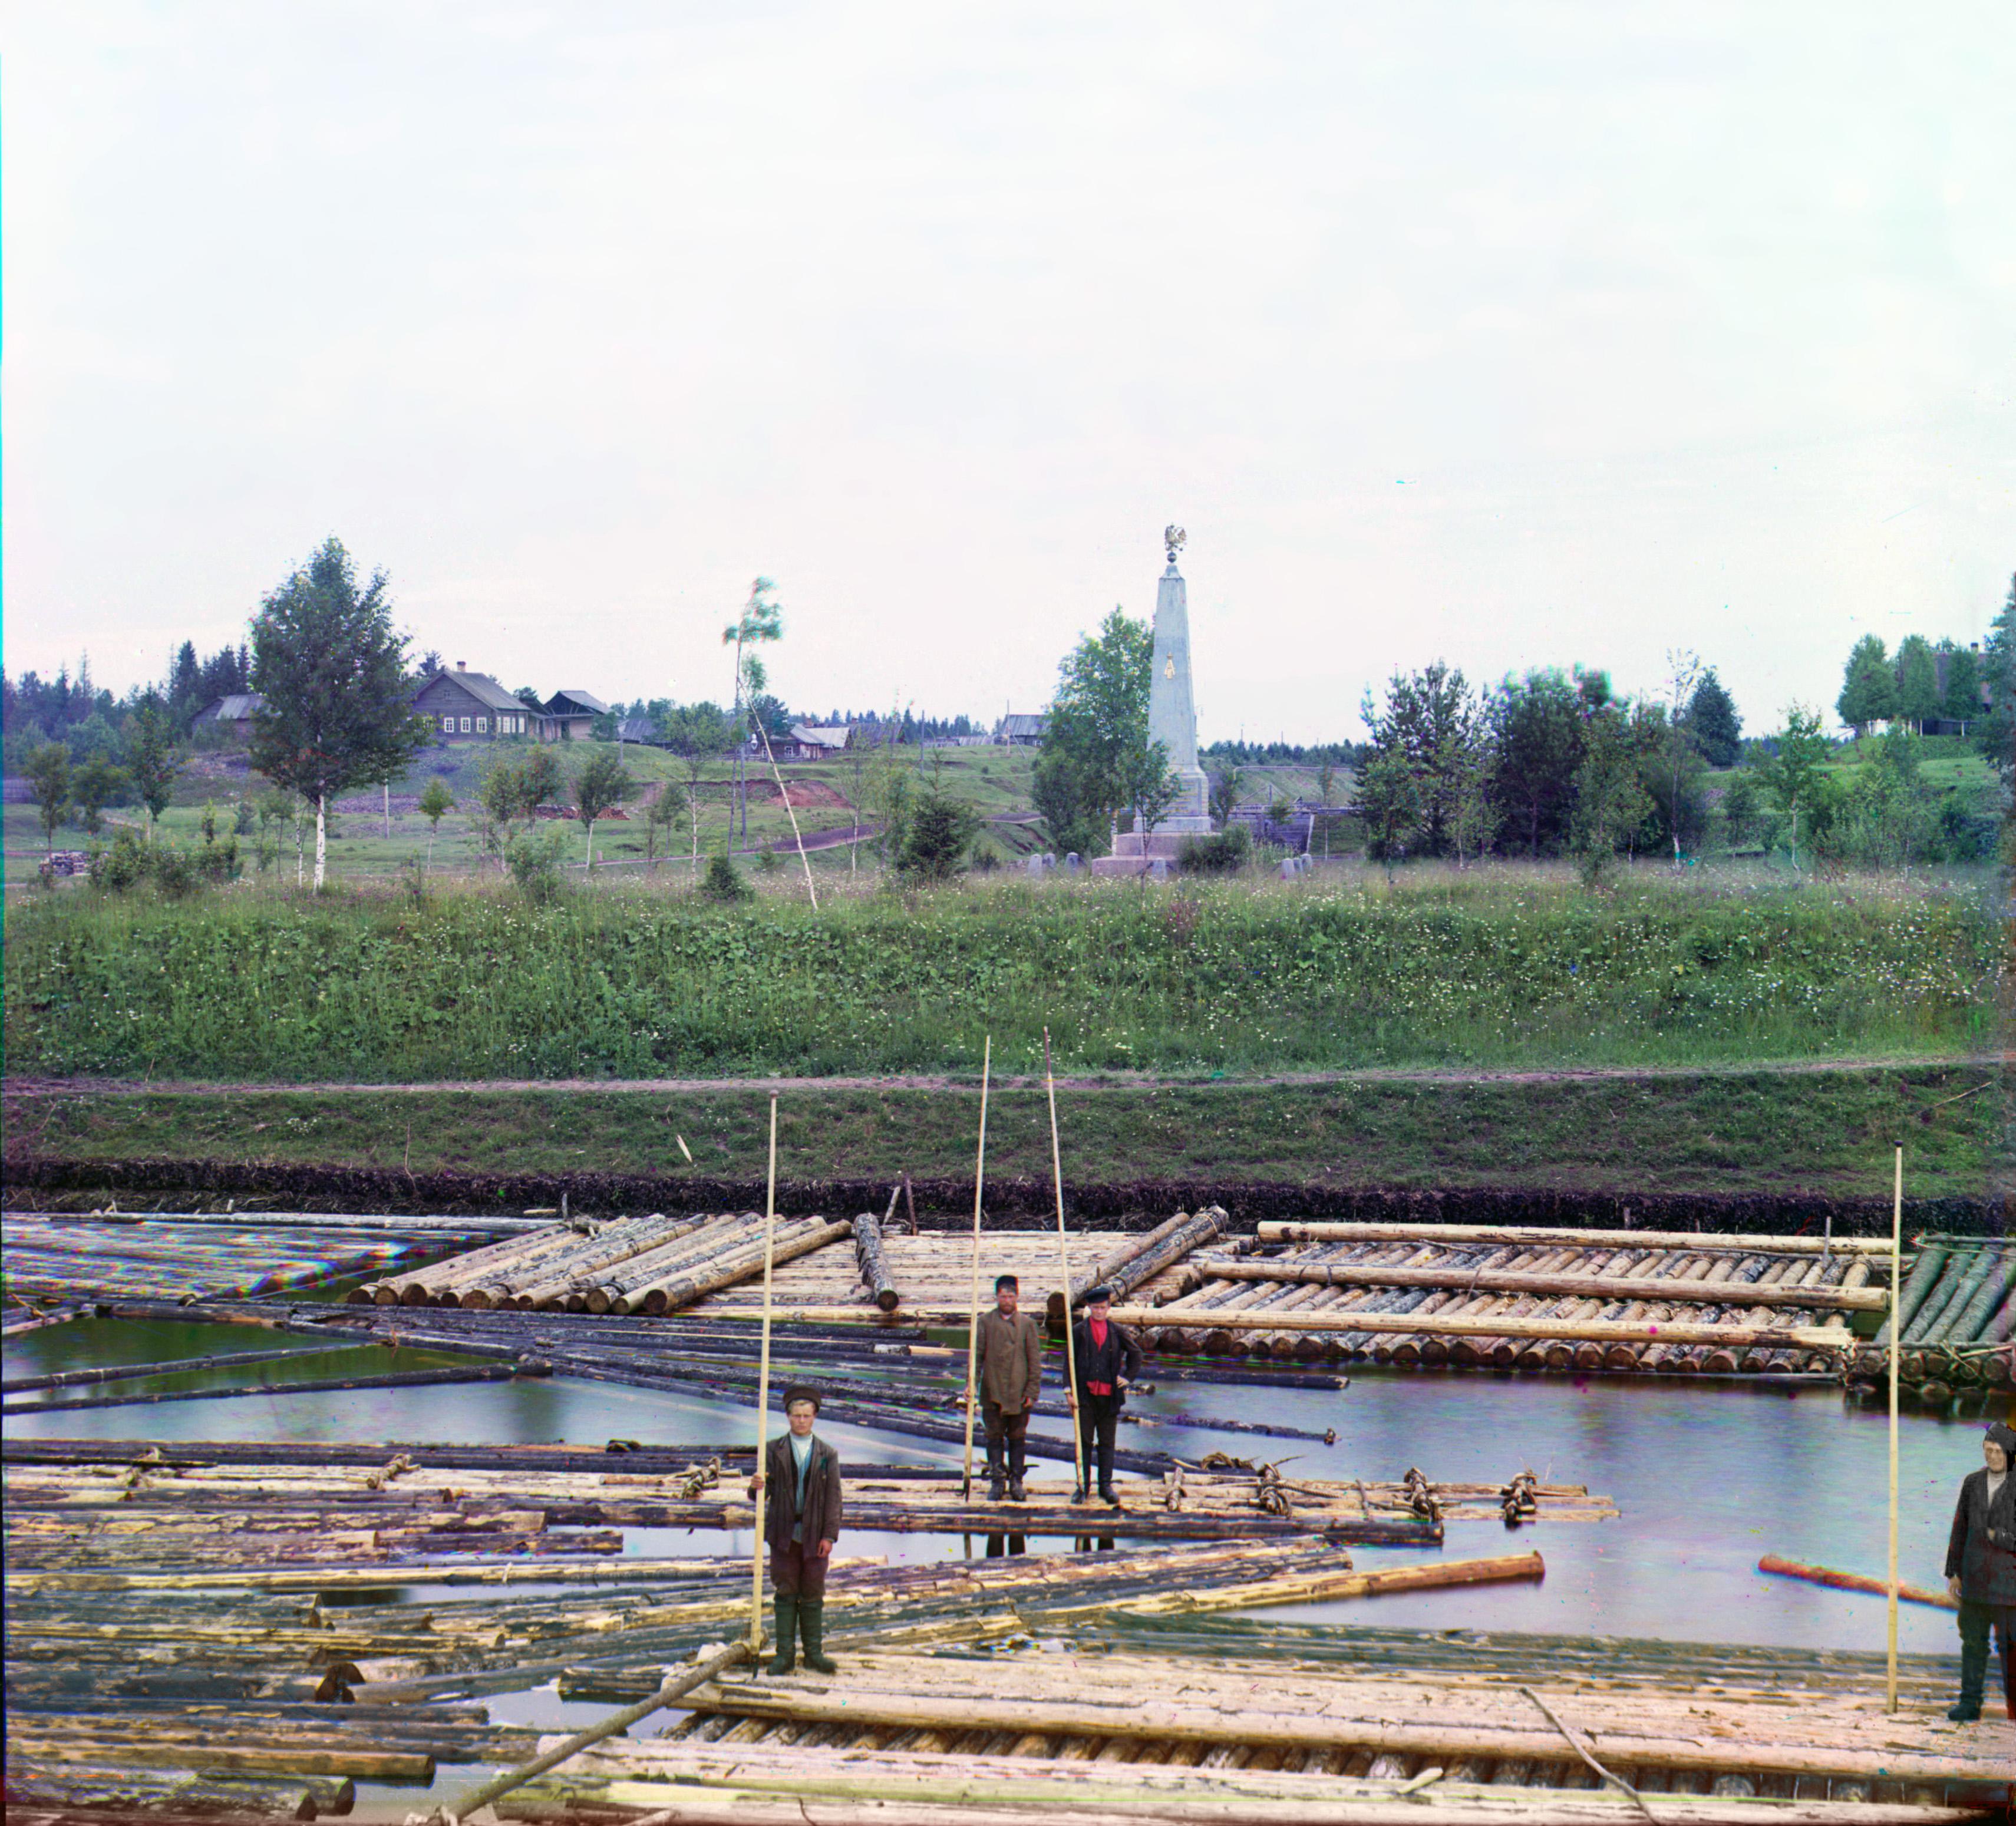 Памятник в честь окончания строительства в 1886 г. нового соединительного (Ново-Мариинского) канала между реками Вытегрою и Ковжею